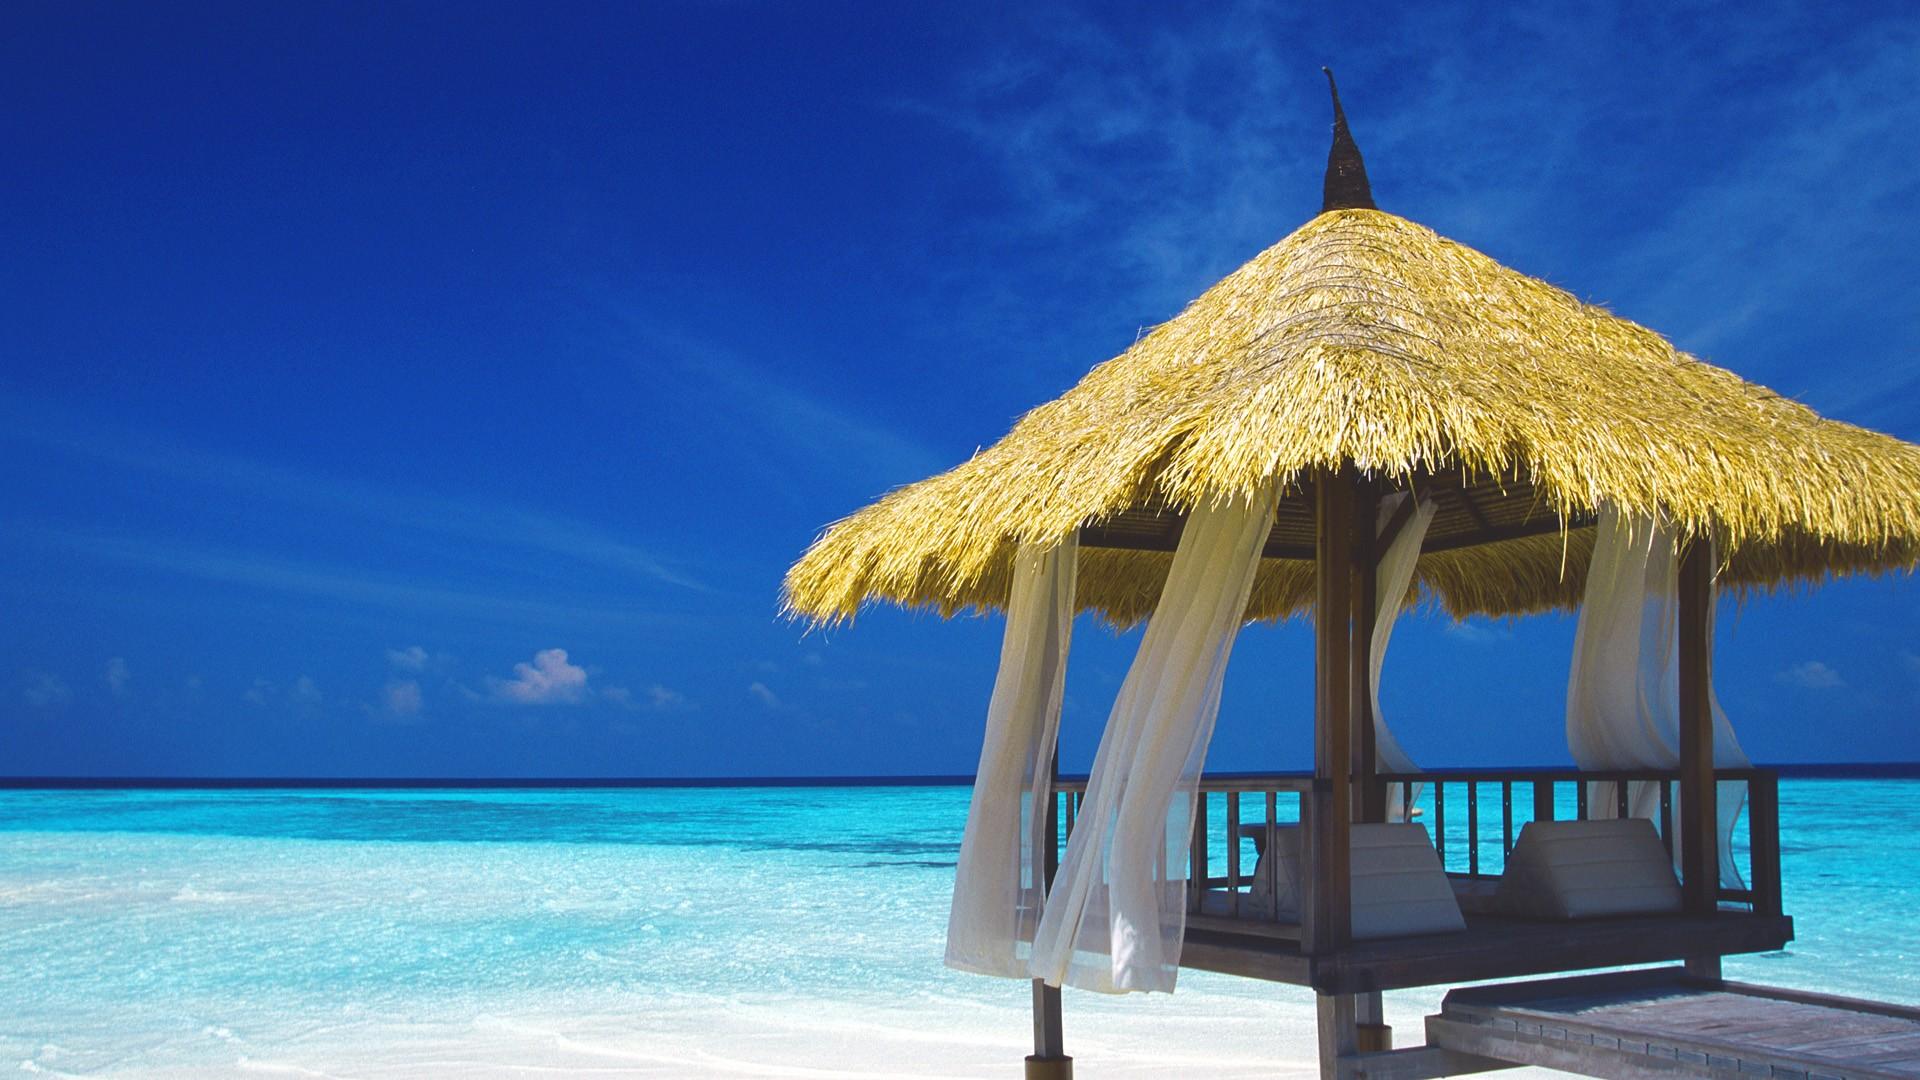 Ocean Beach Wallpaper 1920x1080 Ocean Beach Shore Maldives Huts 1920x1080